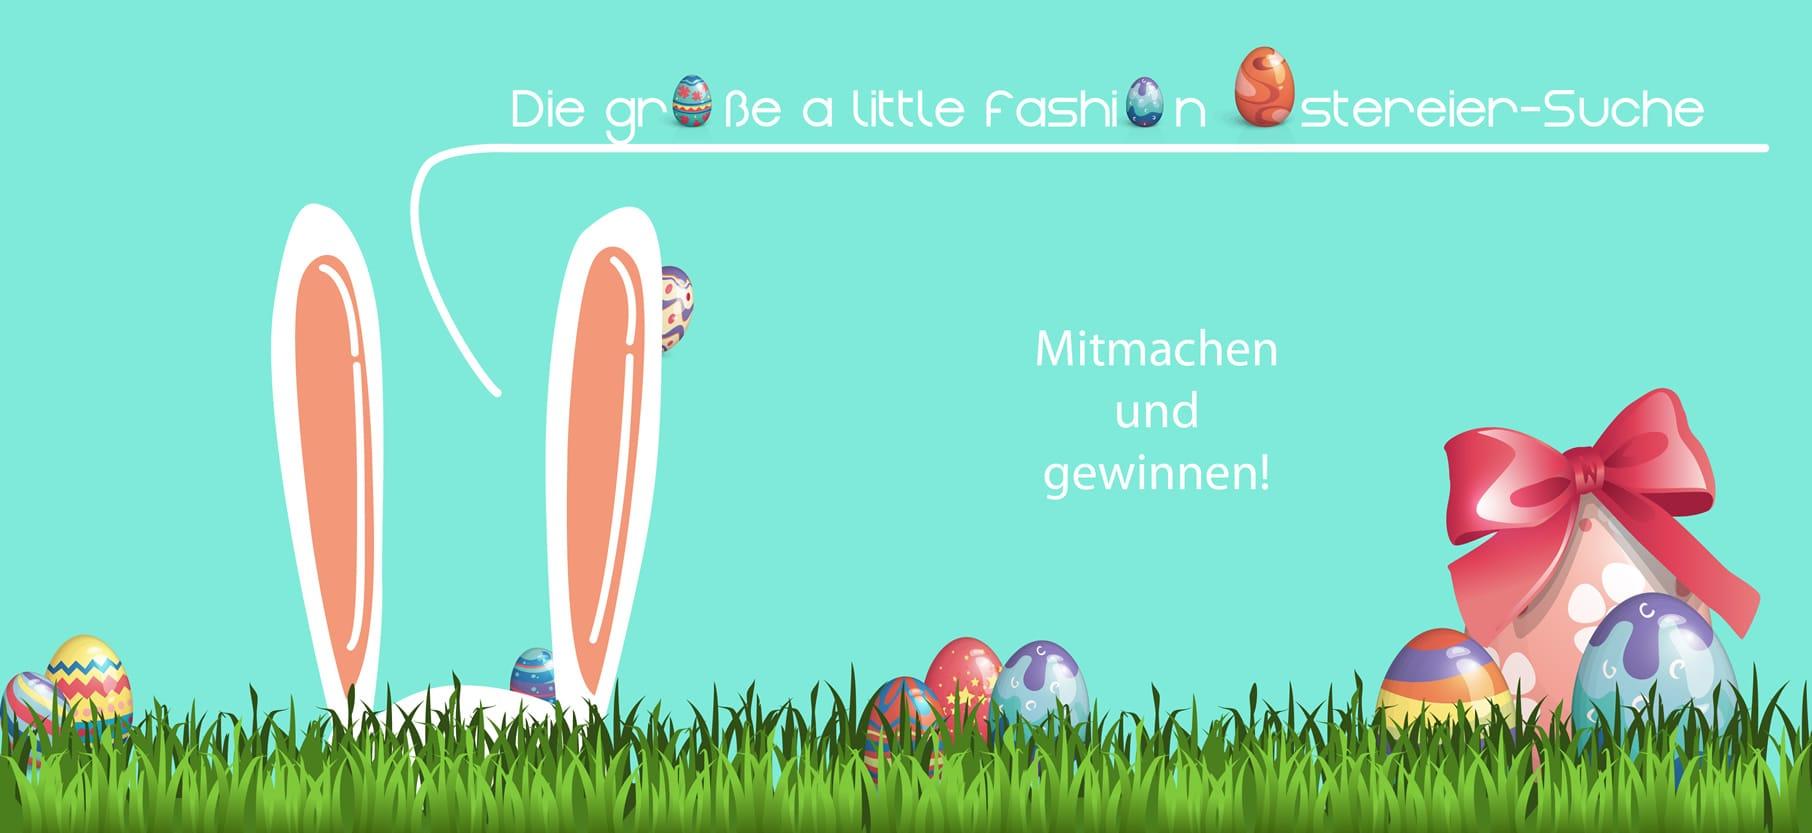 Die große A.L.F. Ostereier-Suche | https://www.filizity.com/beauty/die-grosse-a-little-fashion-ostereiersuche-giveaway